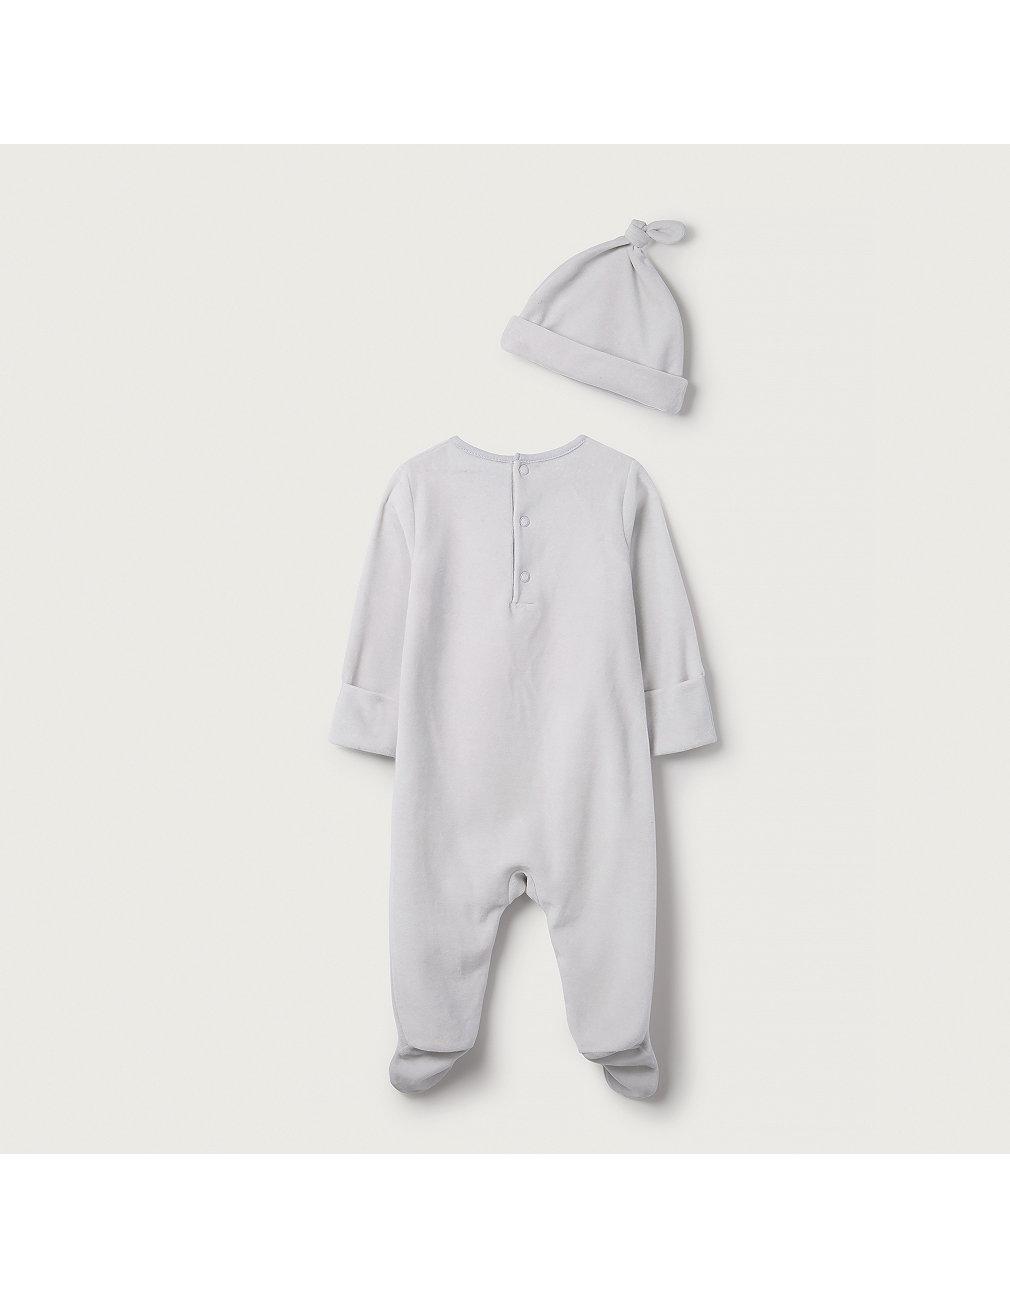 e40d9a555 Snowy Penguin Velour Sleepsuit & Hat Set